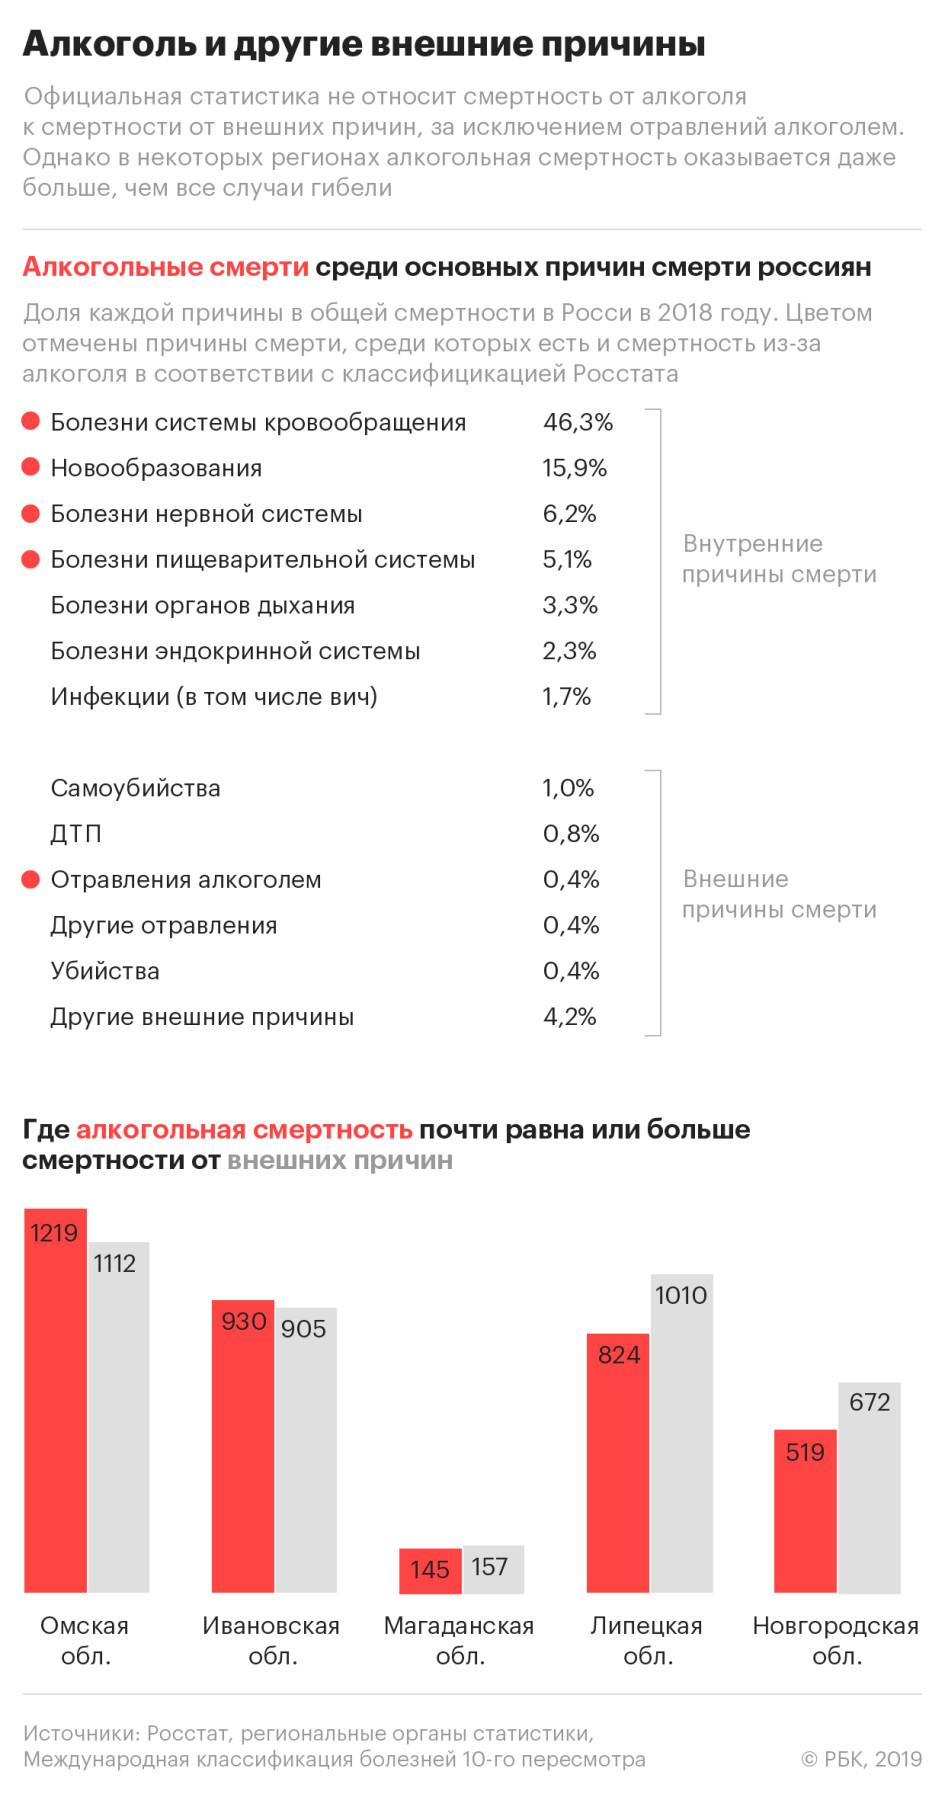 Чукотка стала лидером по смертности от алкоголя среди регионов